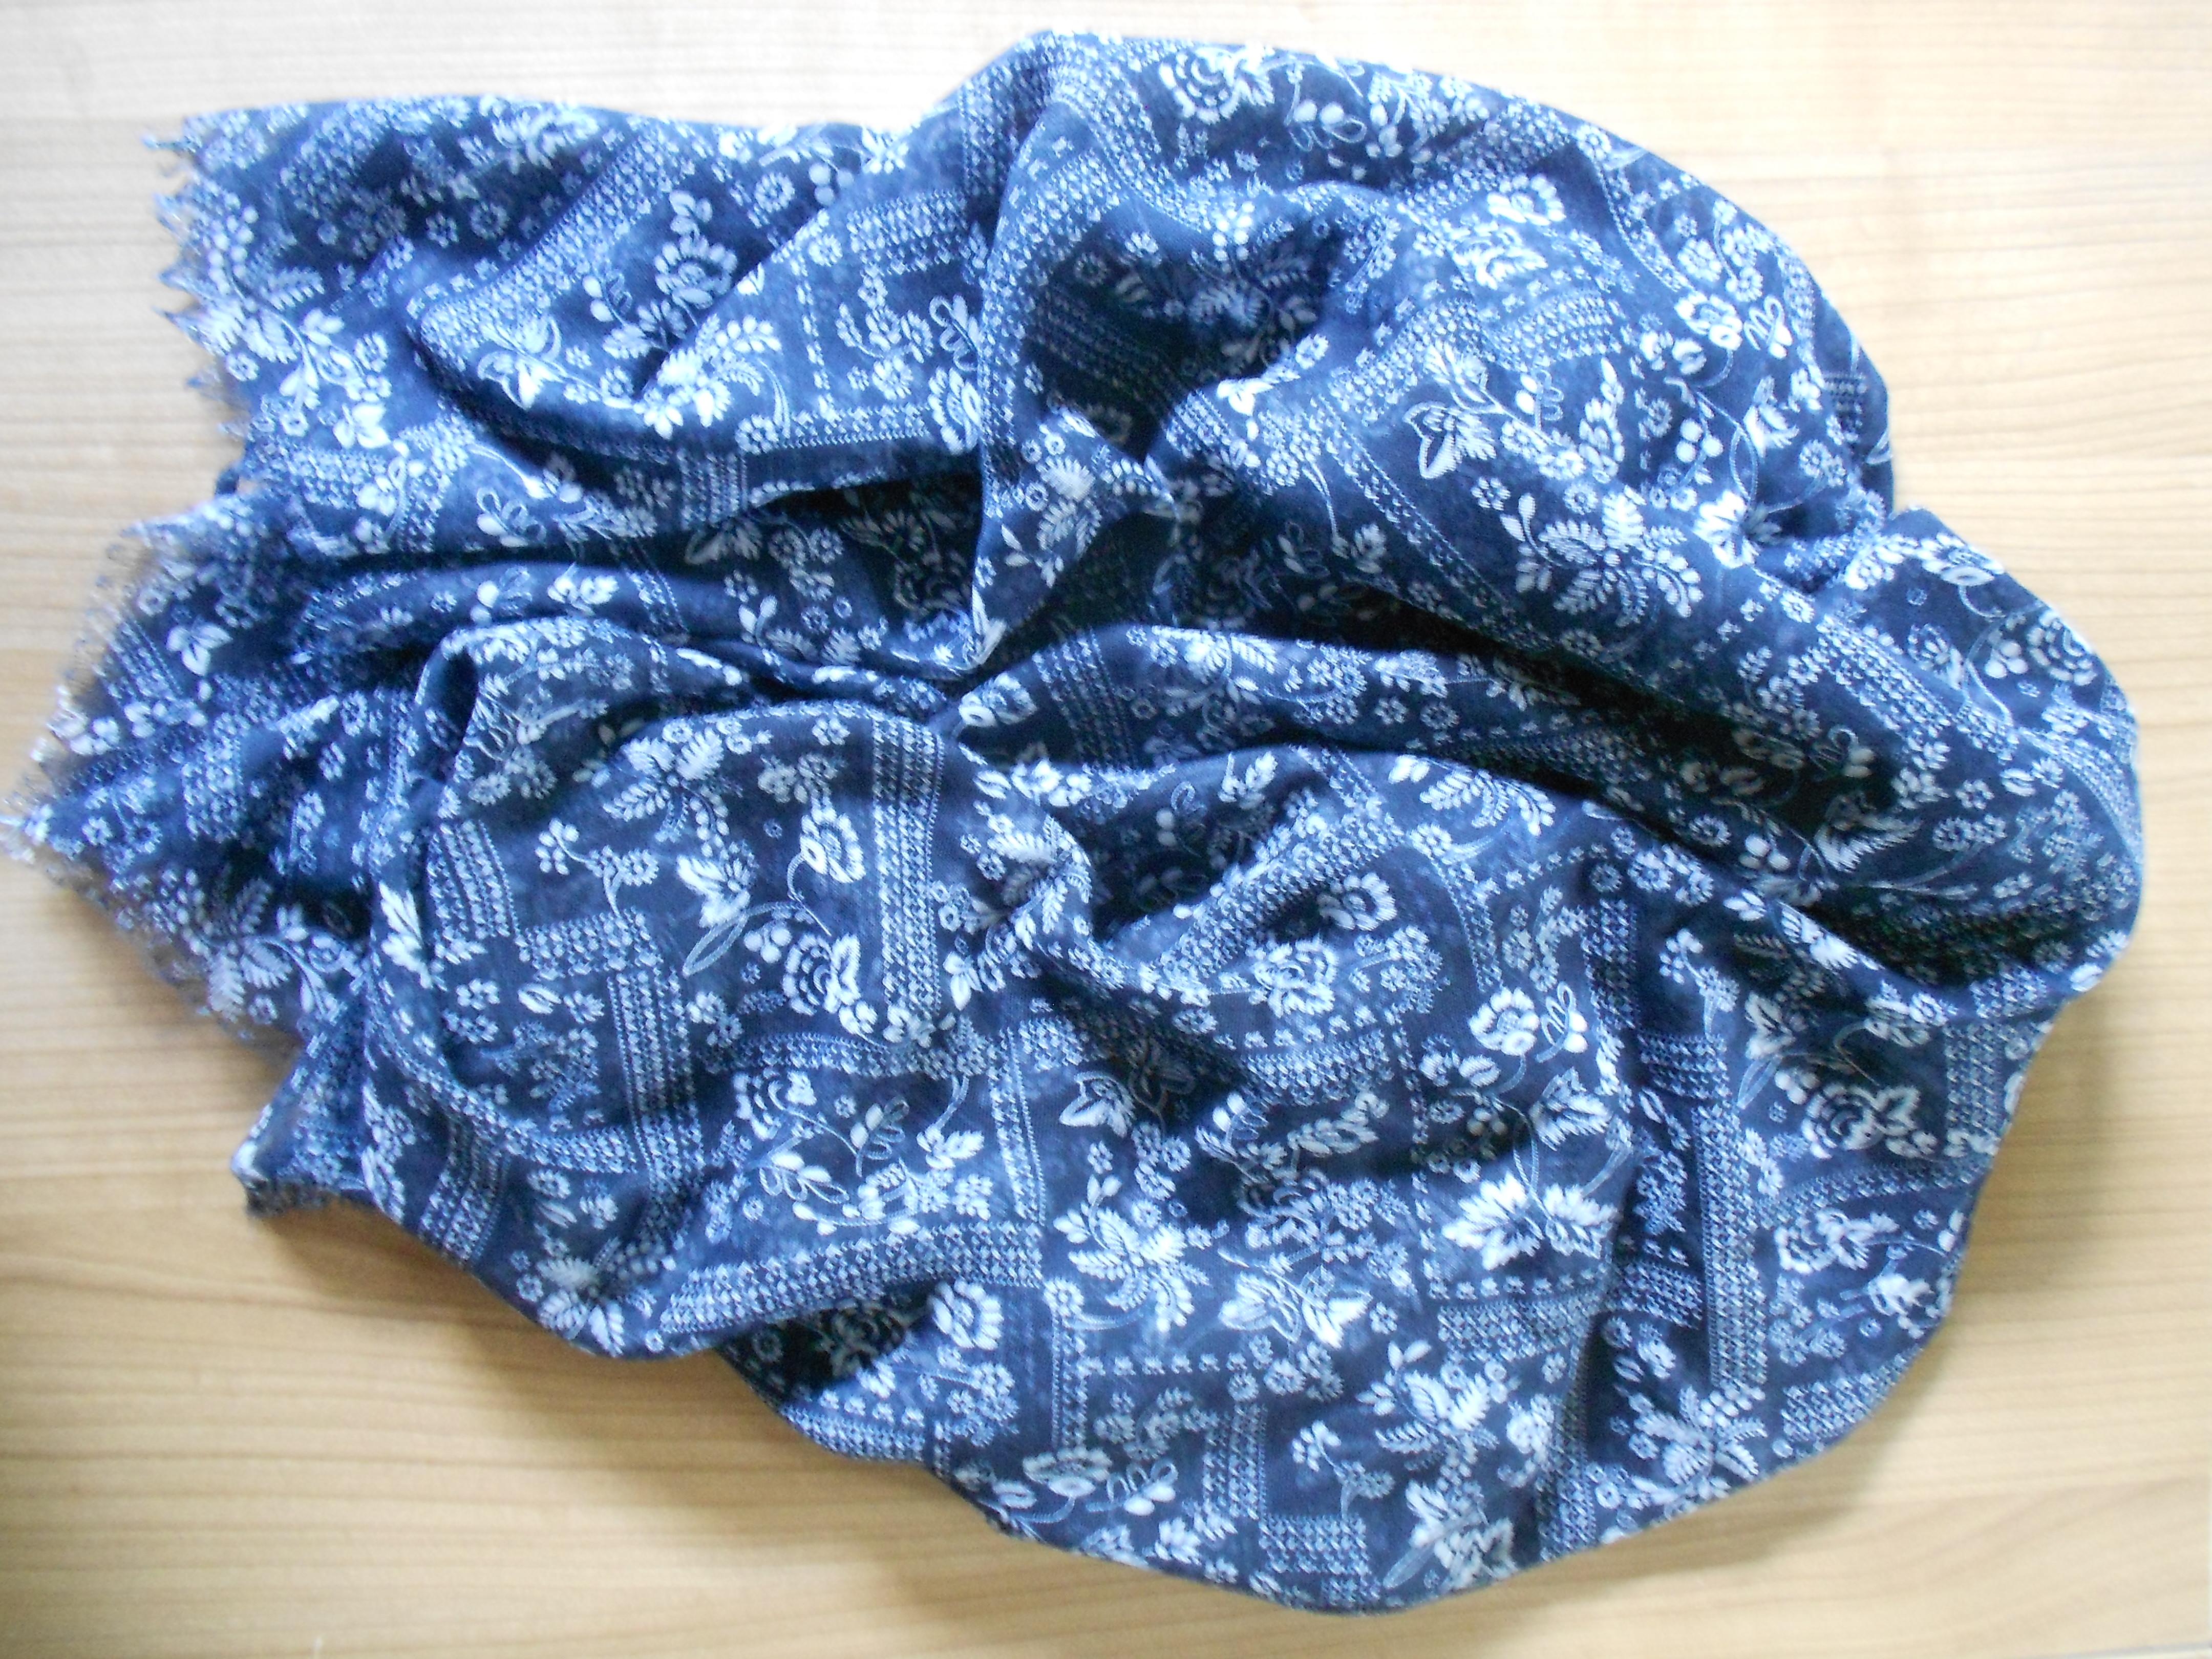 Halstuch blau-weiß von C&A allgemeine Ansicht Halstuch Probenqueen